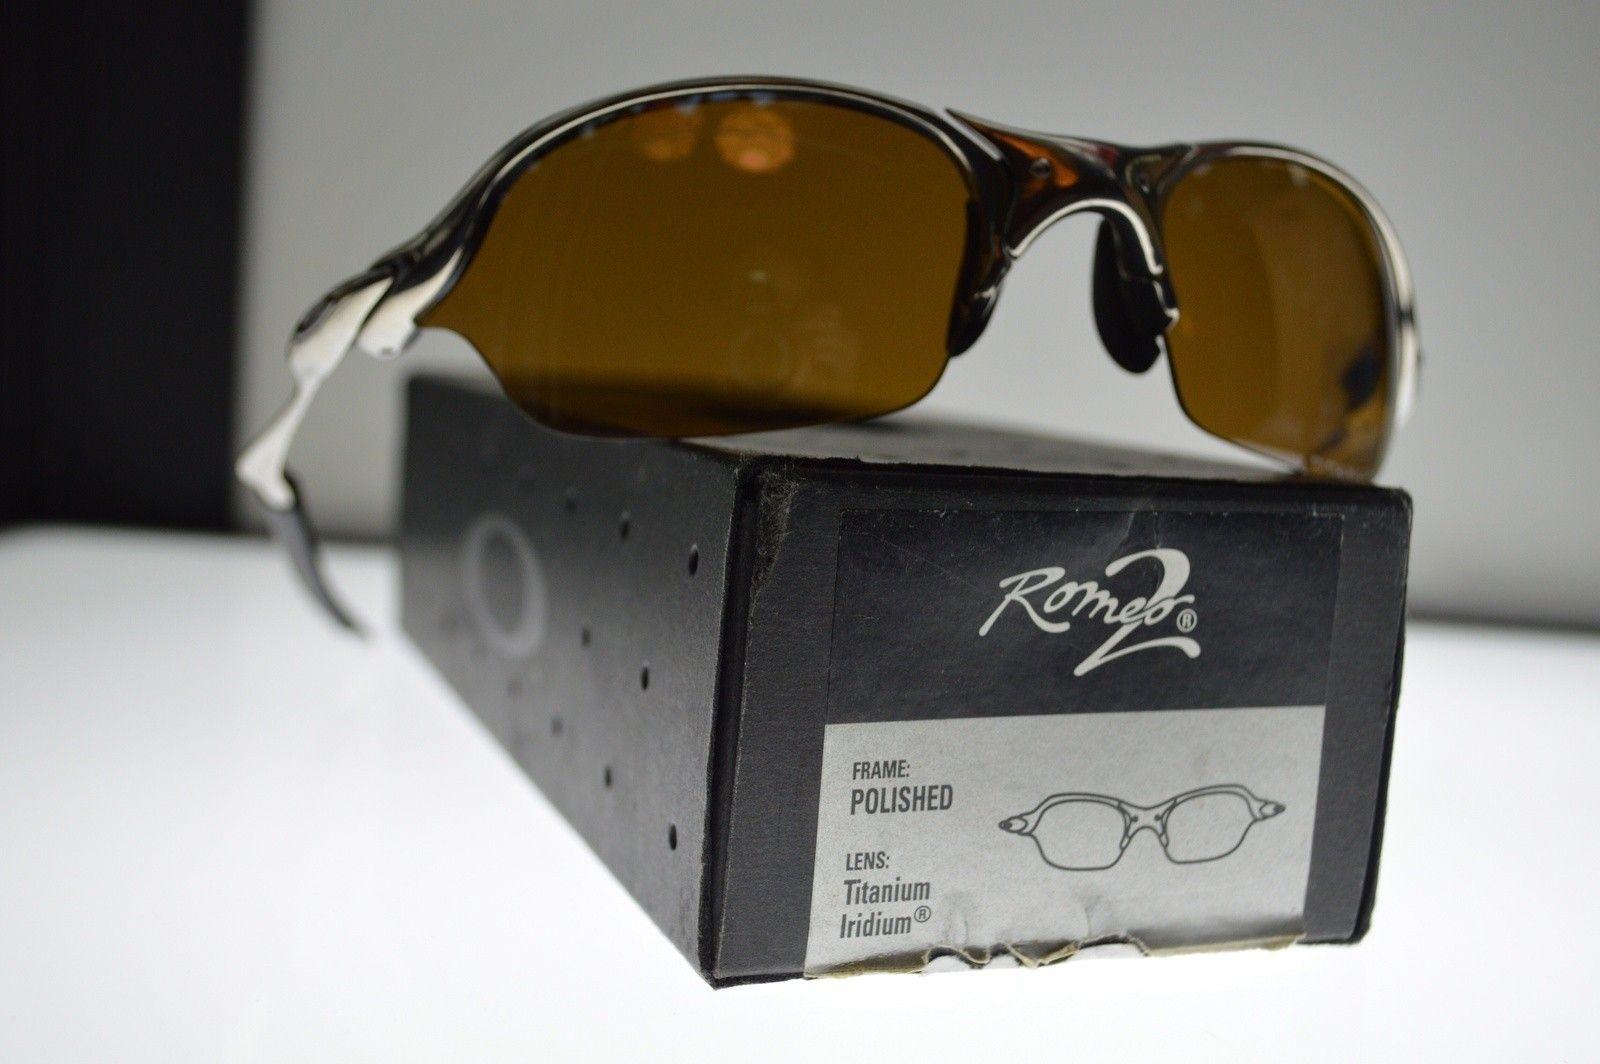 New Romeo 2 Polished / Titanium *** SOLD *** - image.jpg